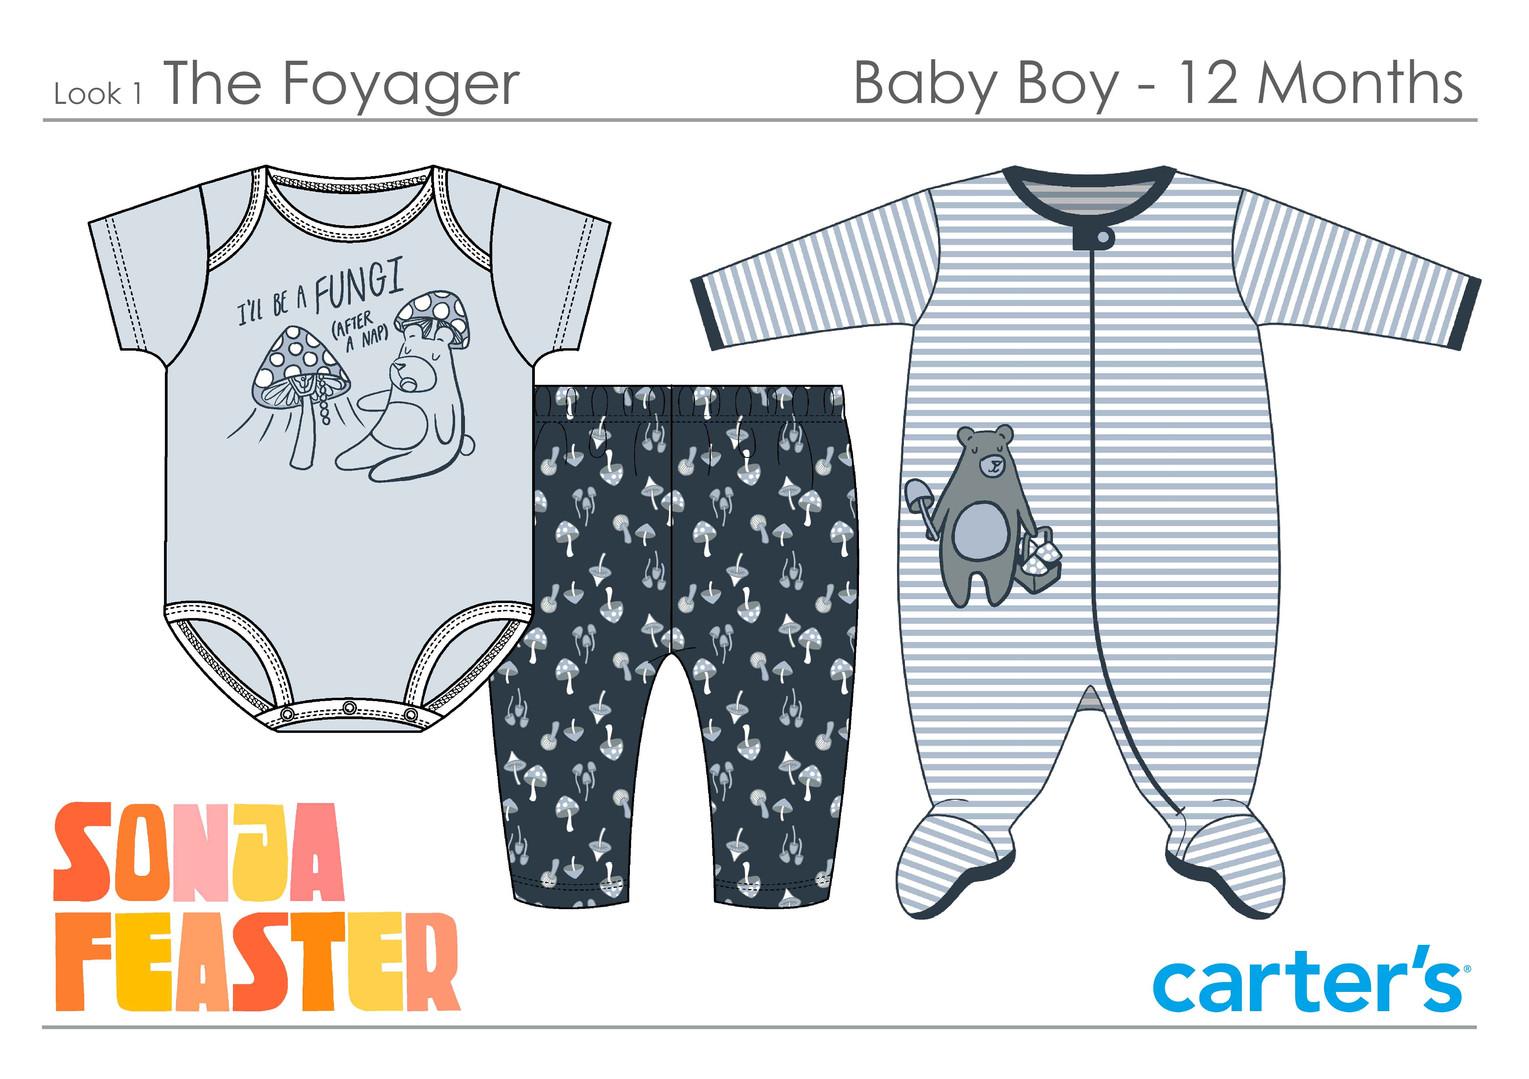 BabyBoyLook1.jpg